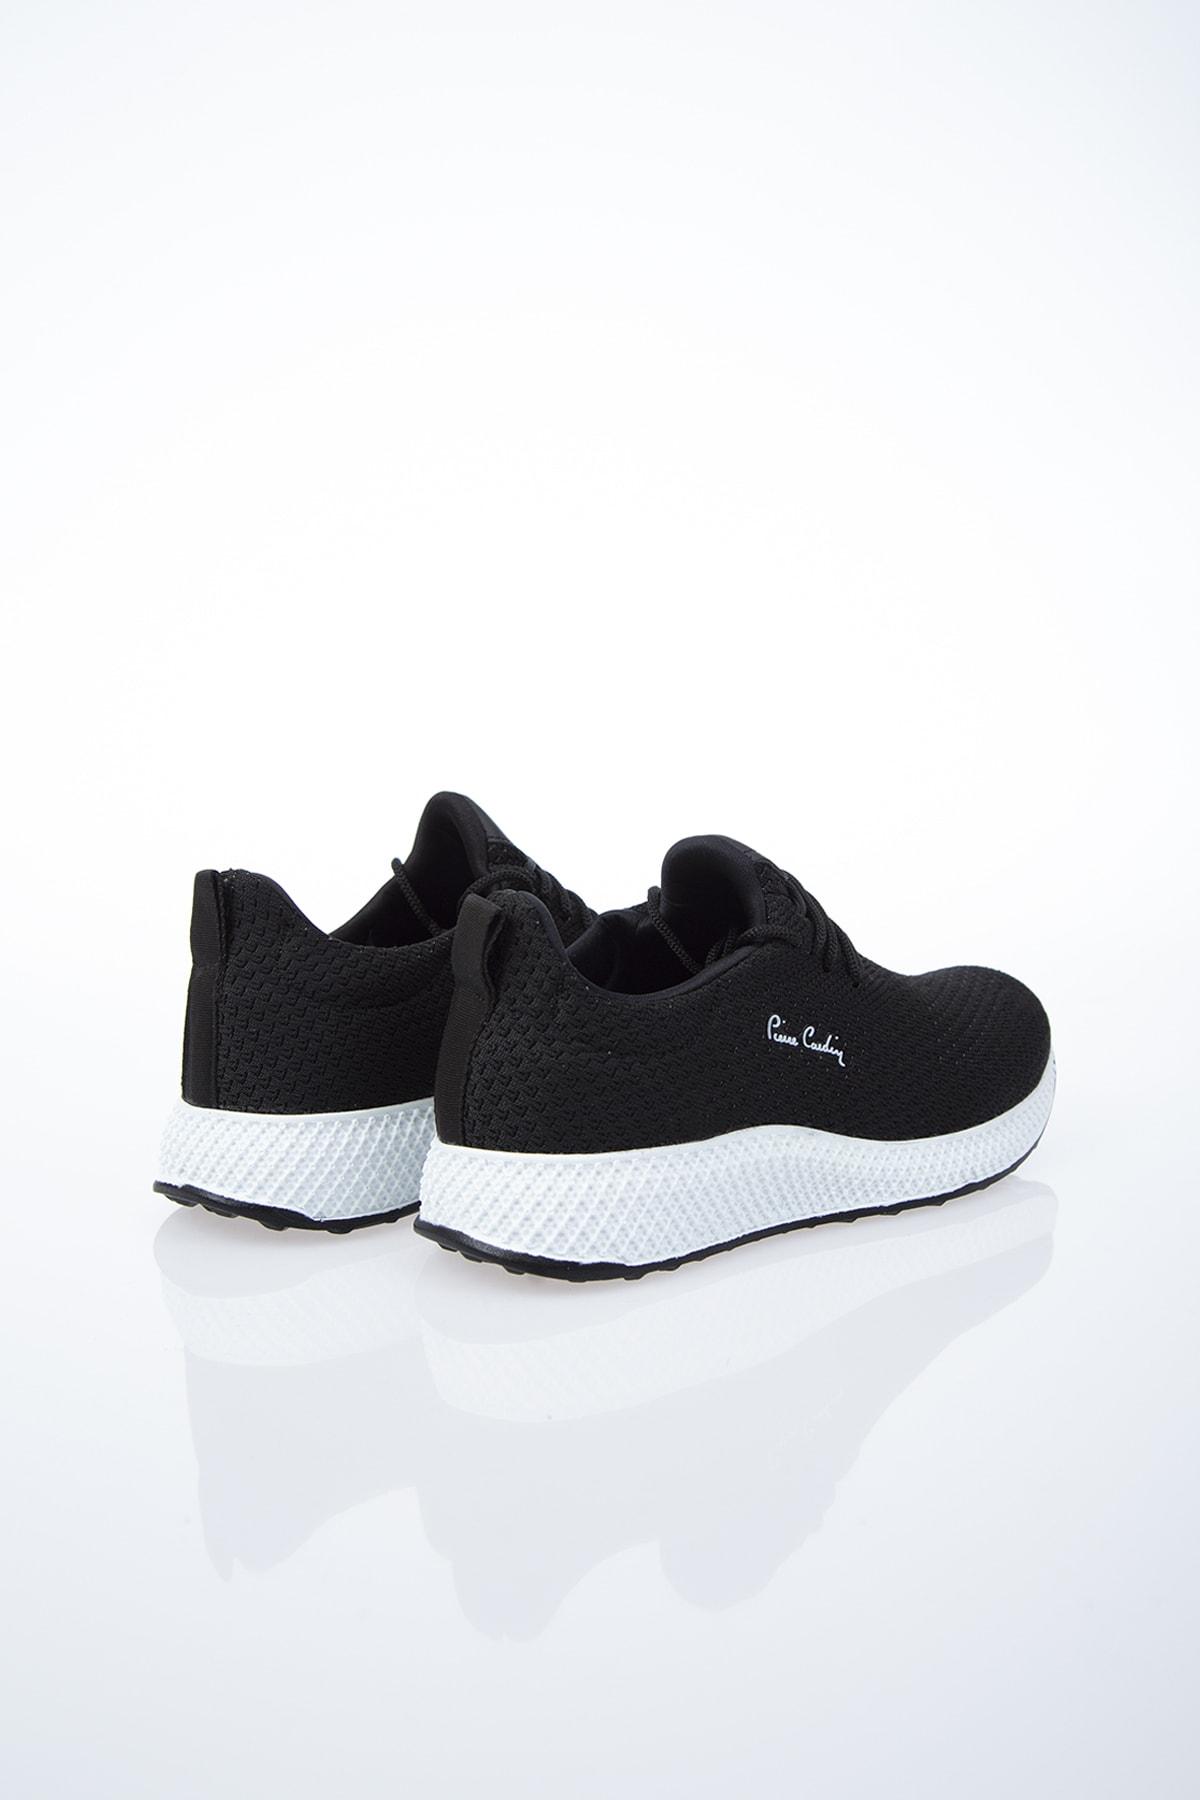 Pierre Cardin Kadın Günlük Spor Ayakkabı-Siyah-Beyaz PCS-10248